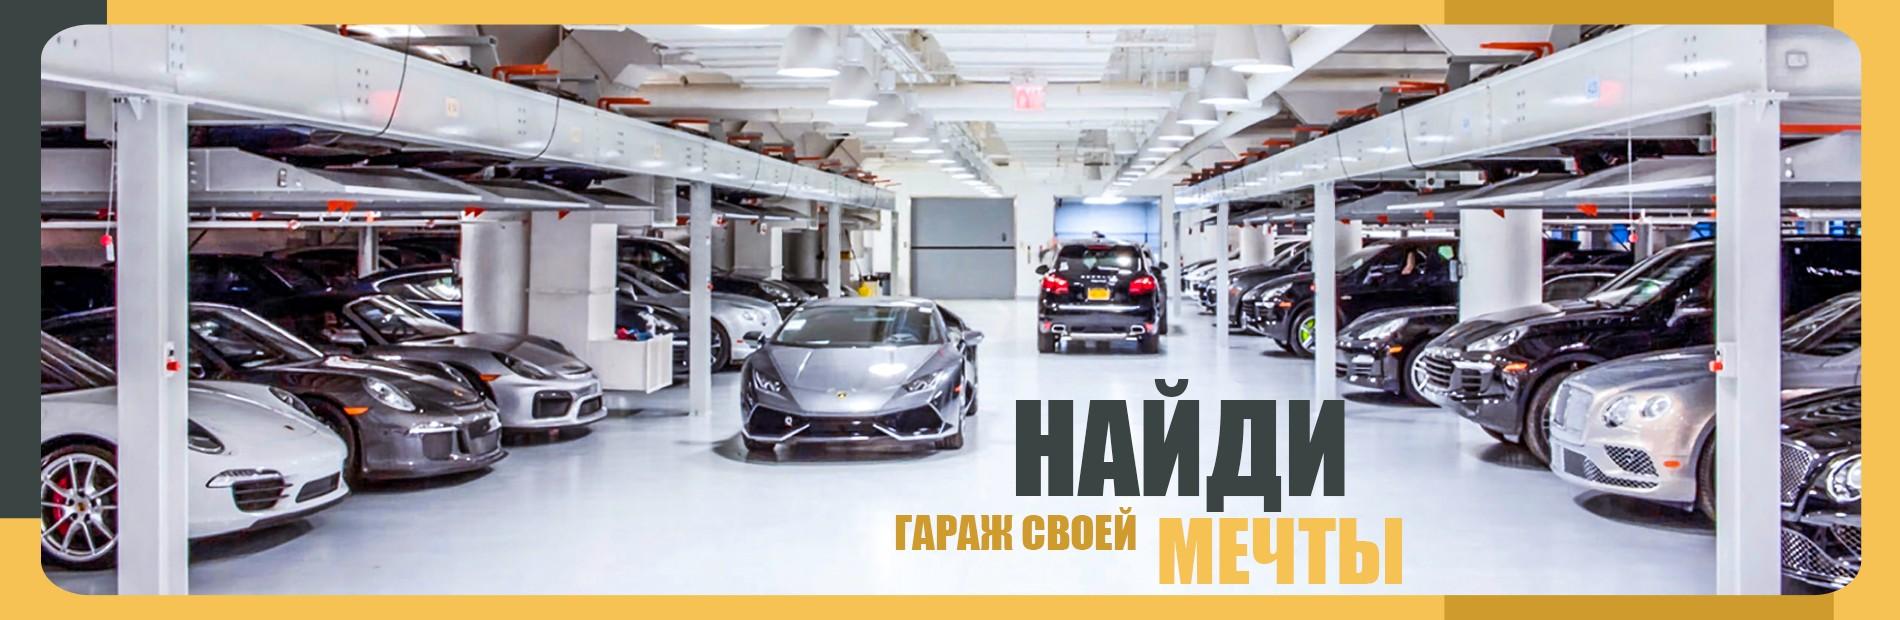 Подъемно-сдвижная система парковки